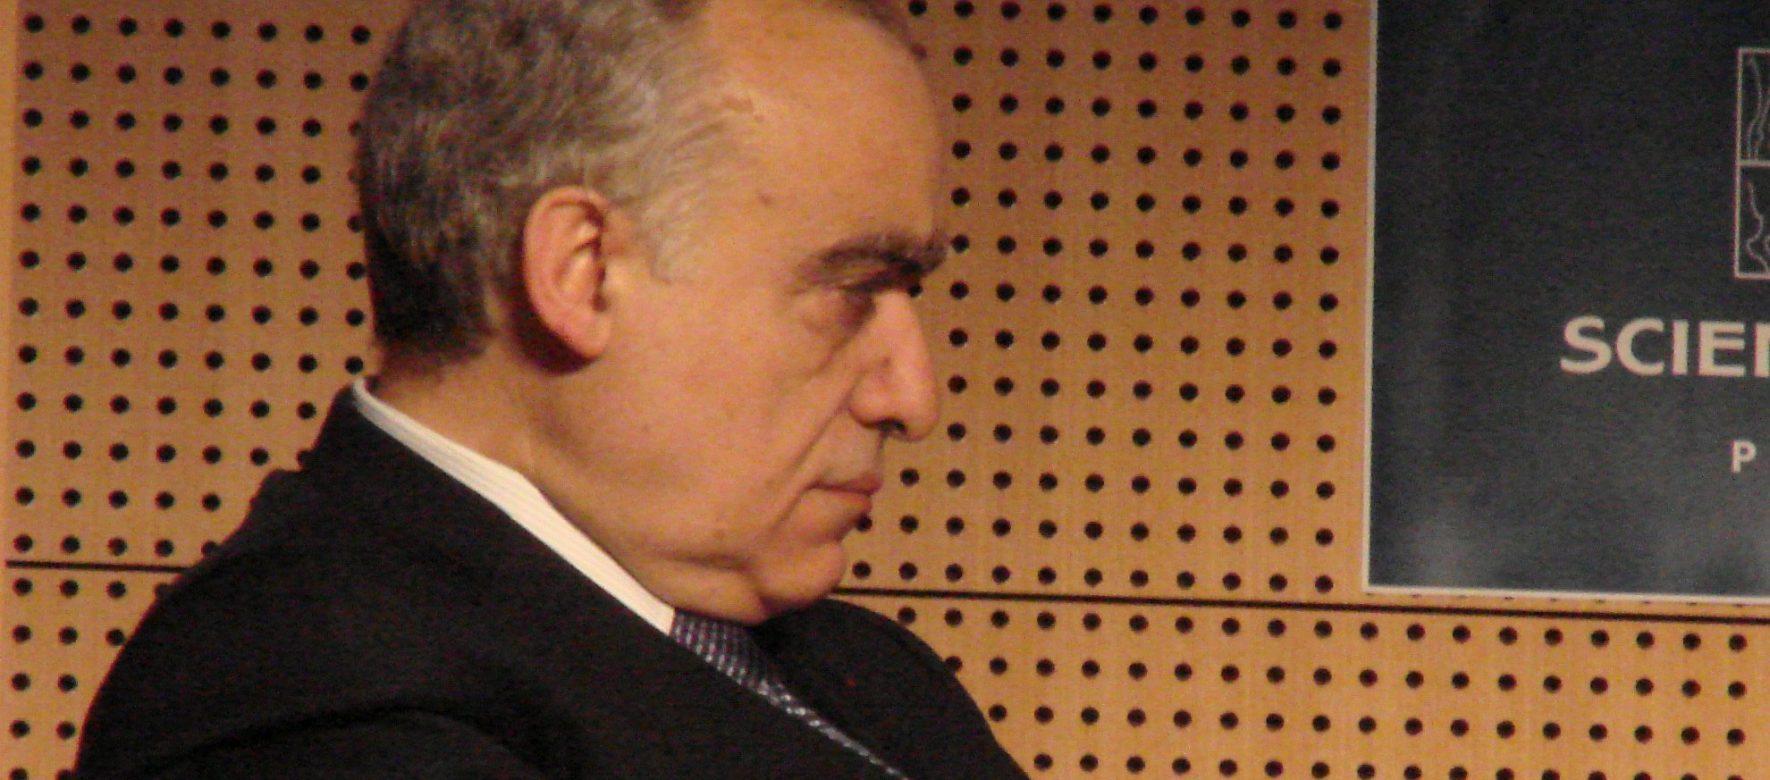 Libye : Le Chef de la Mission d'Appui des Nations Unies en Libye (MANUL), Ghassan Salamé , a annoncé sa démission le 2 mars 2020